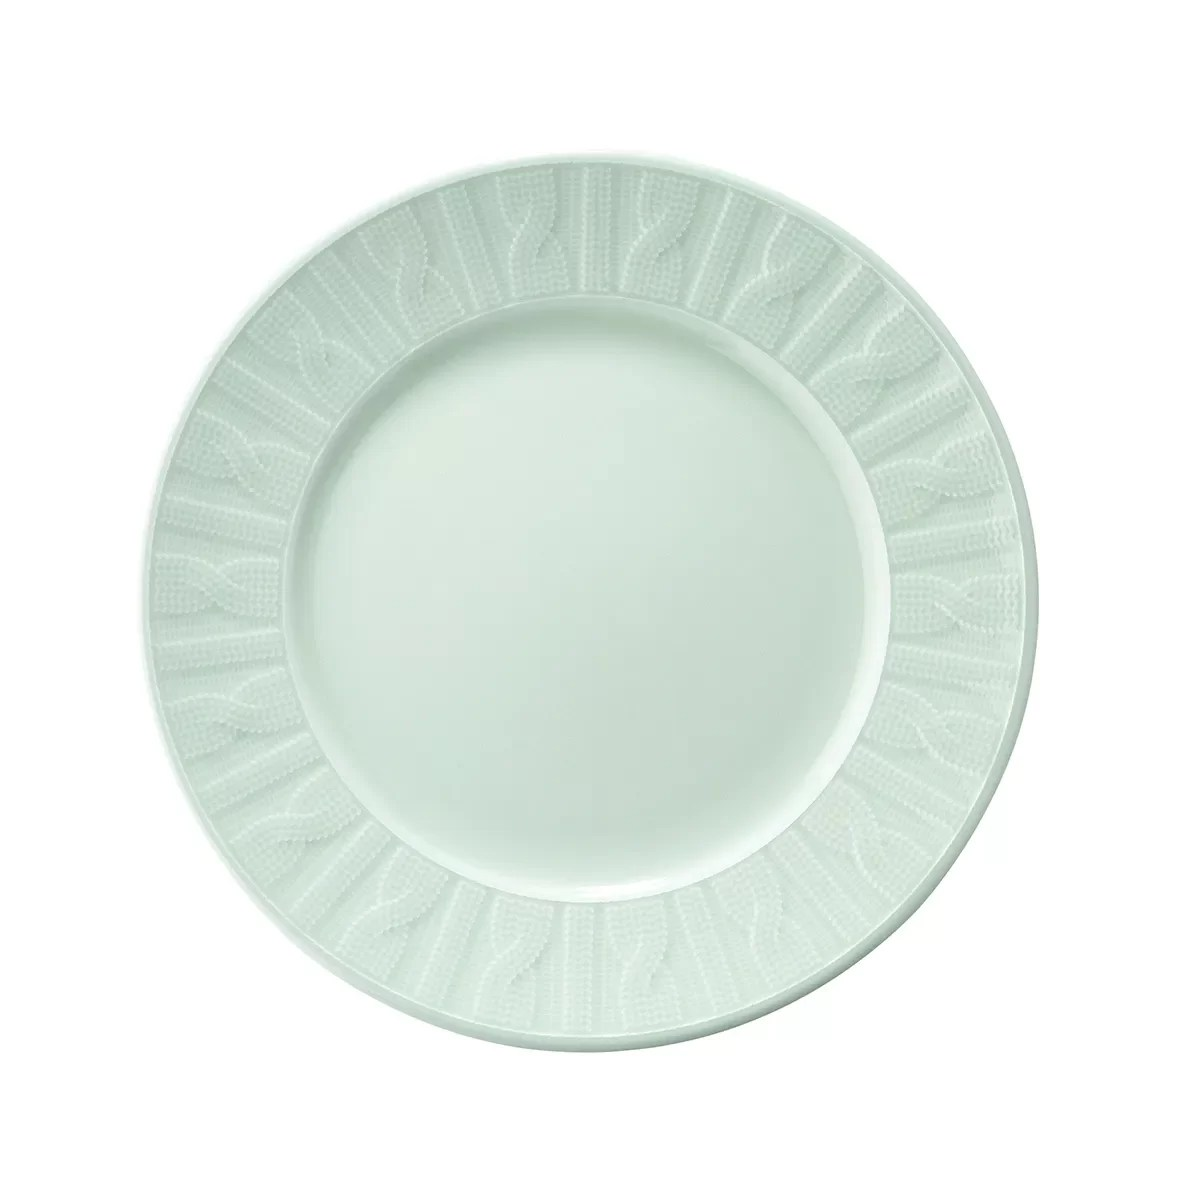 Set za ručavanje - IVY GREEN plitki tanjir